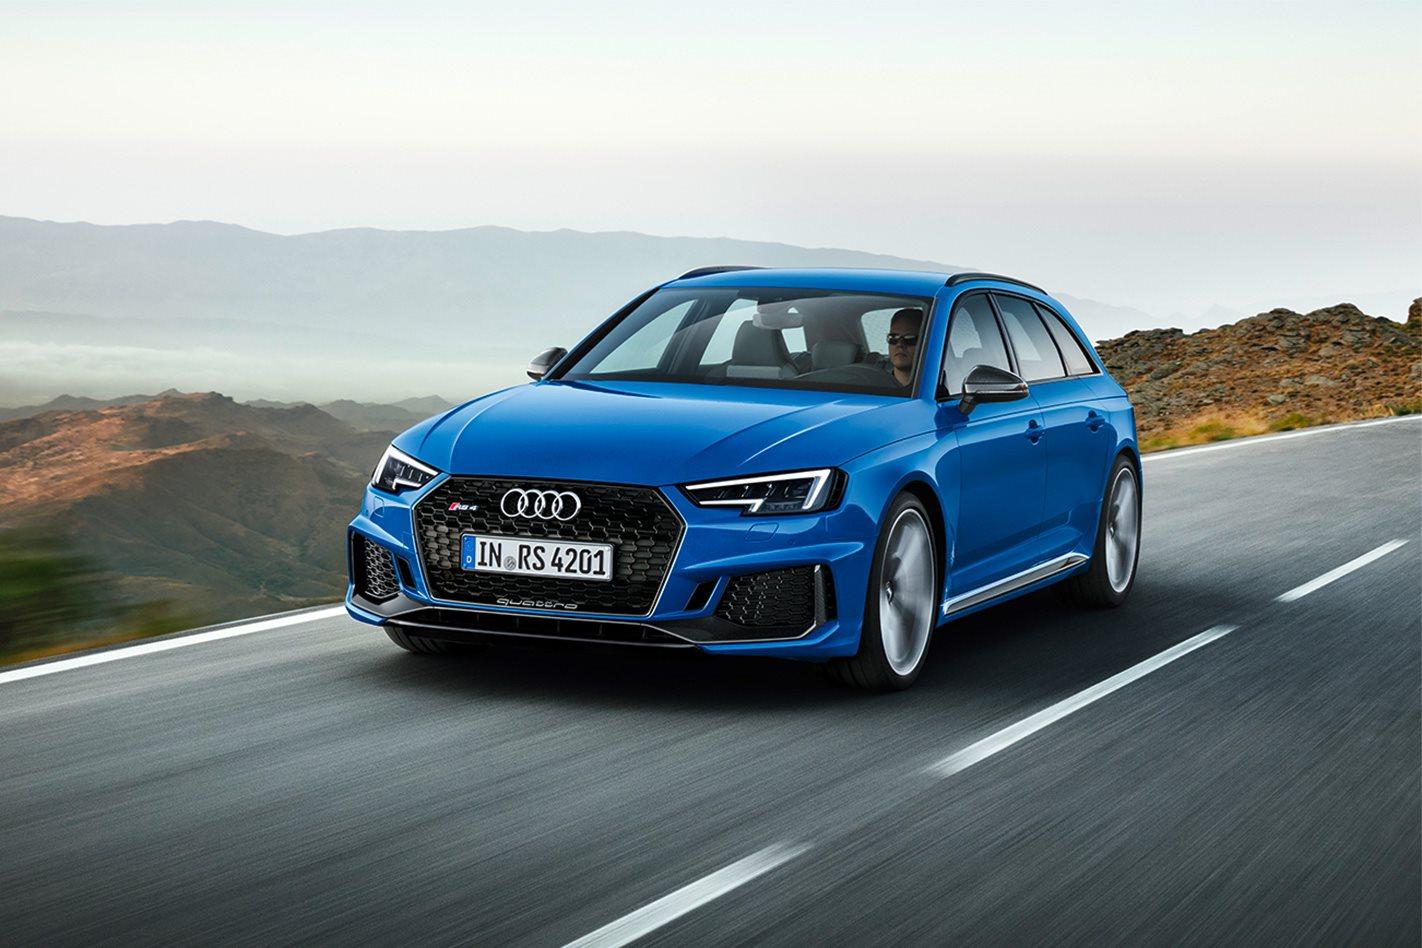 2018 Audi RS4 Avant motion